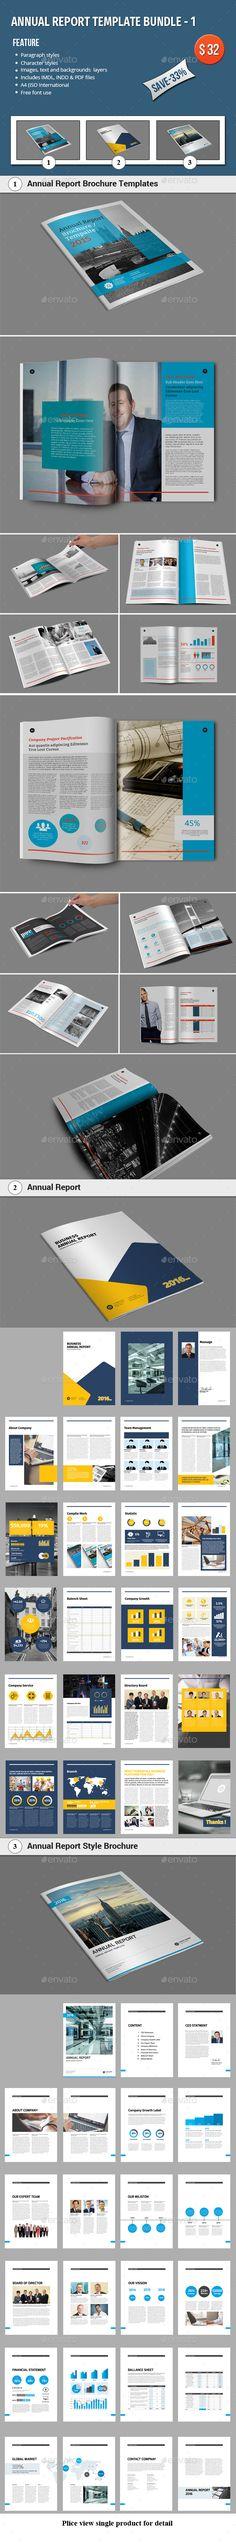 20 Best Informational Brochure Template images Brochures, Pantone